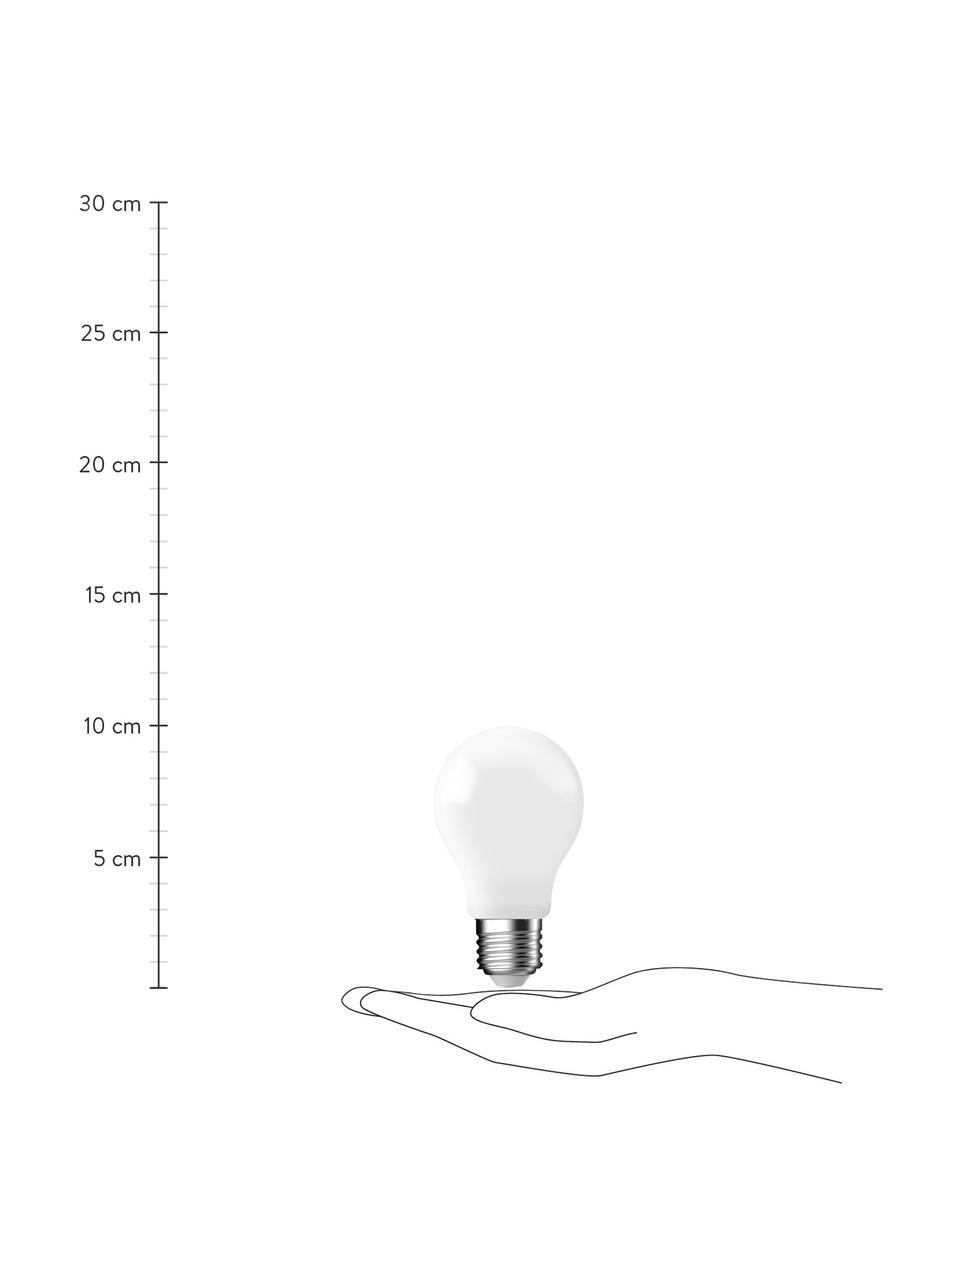 E27 Leuchtmittel, 4.6W, warmweiß, 7 Stück, Leuchtmittelschirm: Glas, Leuchtmittelfassung: Aluminium, Weiß, Ø 6 x H 10 cm